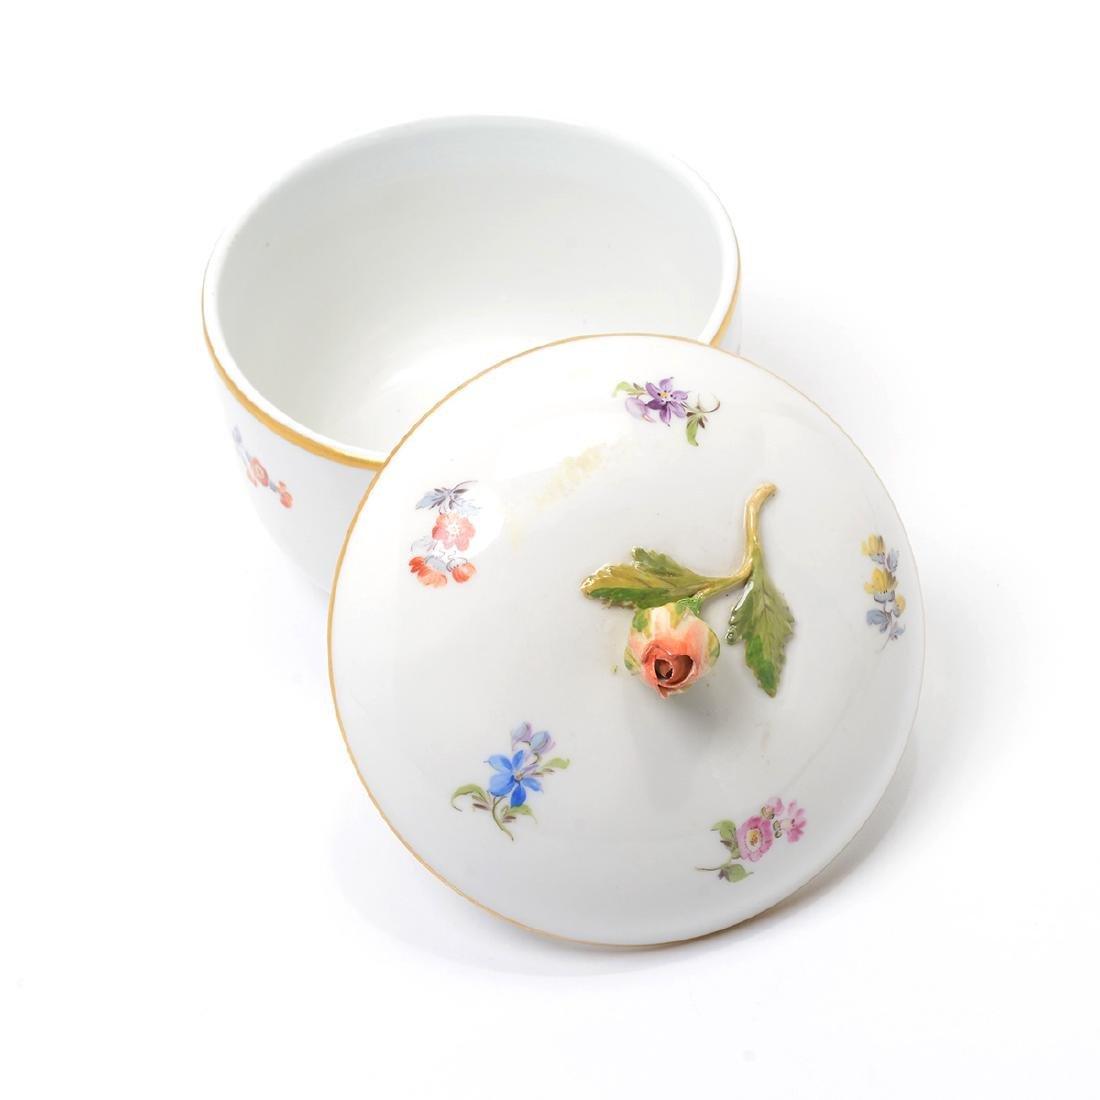 German Porcelain Bowl with Landscape Vignettes, 18th - 5